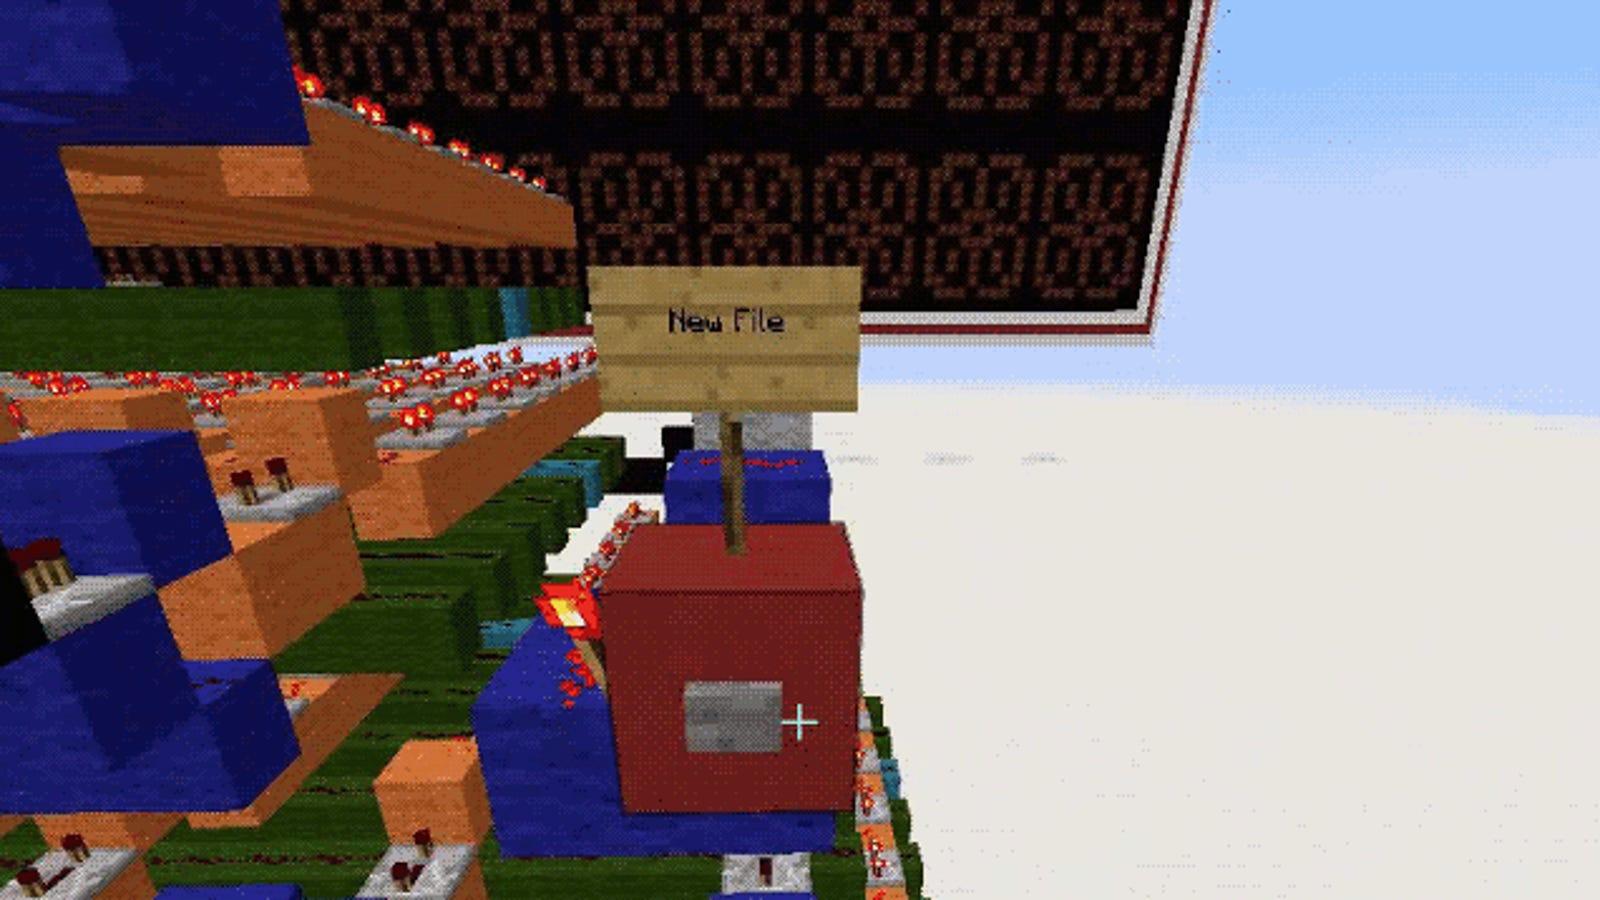 Un genio del Minecraft crea un procesador de texto dentro del juego